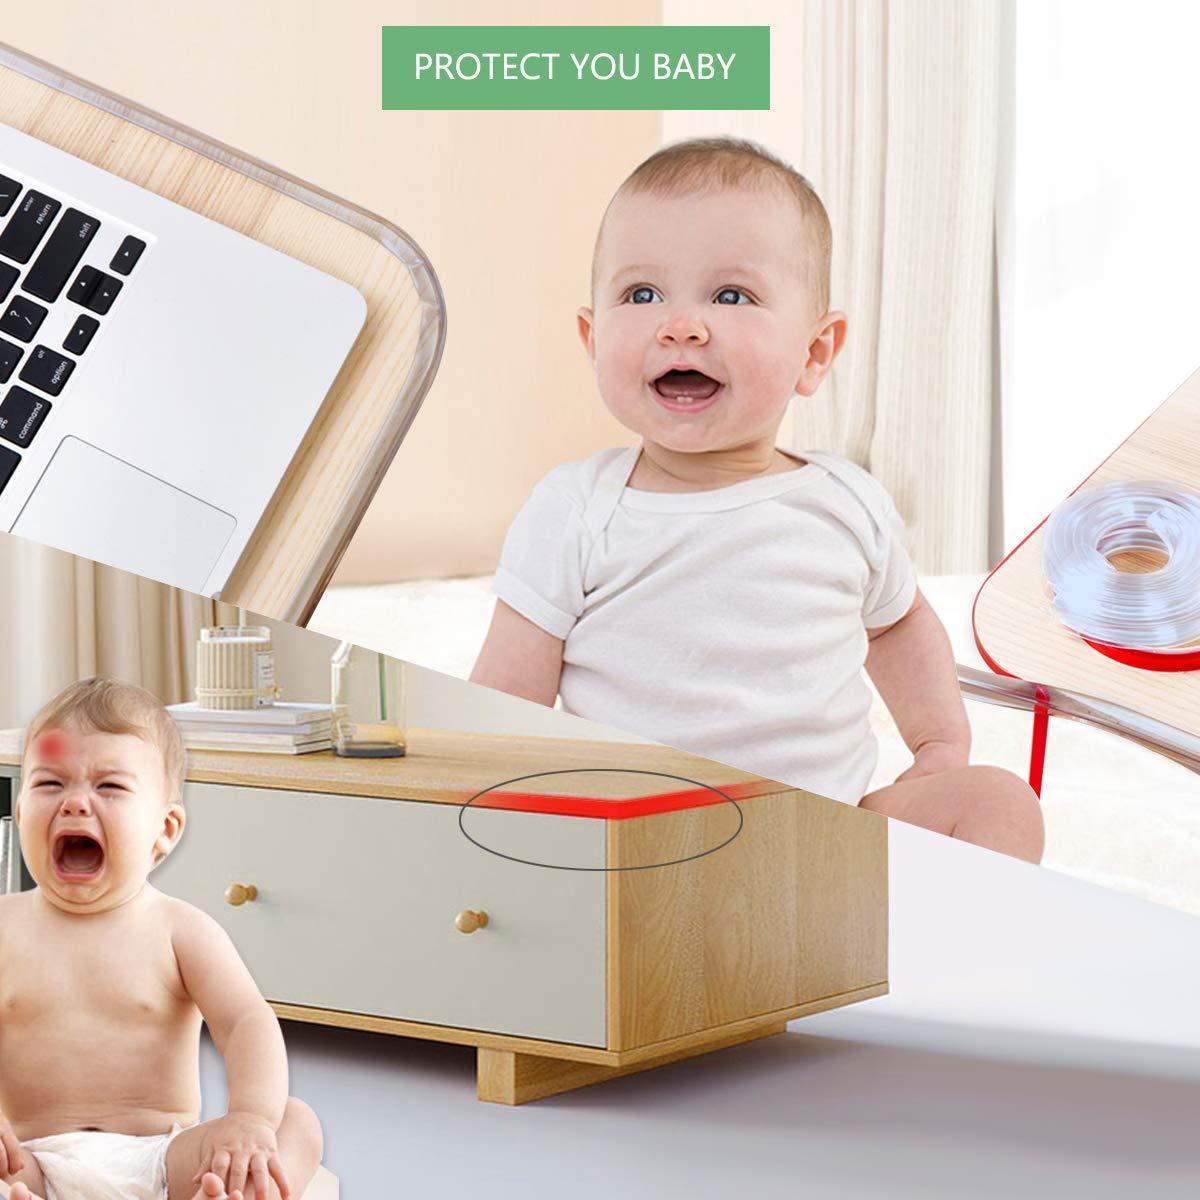 2 Pack Tischkantenschutz Baby 4 Meter Safety Corner Guards Sto/ßleiste,Transparenter Kantenschutz f/ür Kinder Kinder